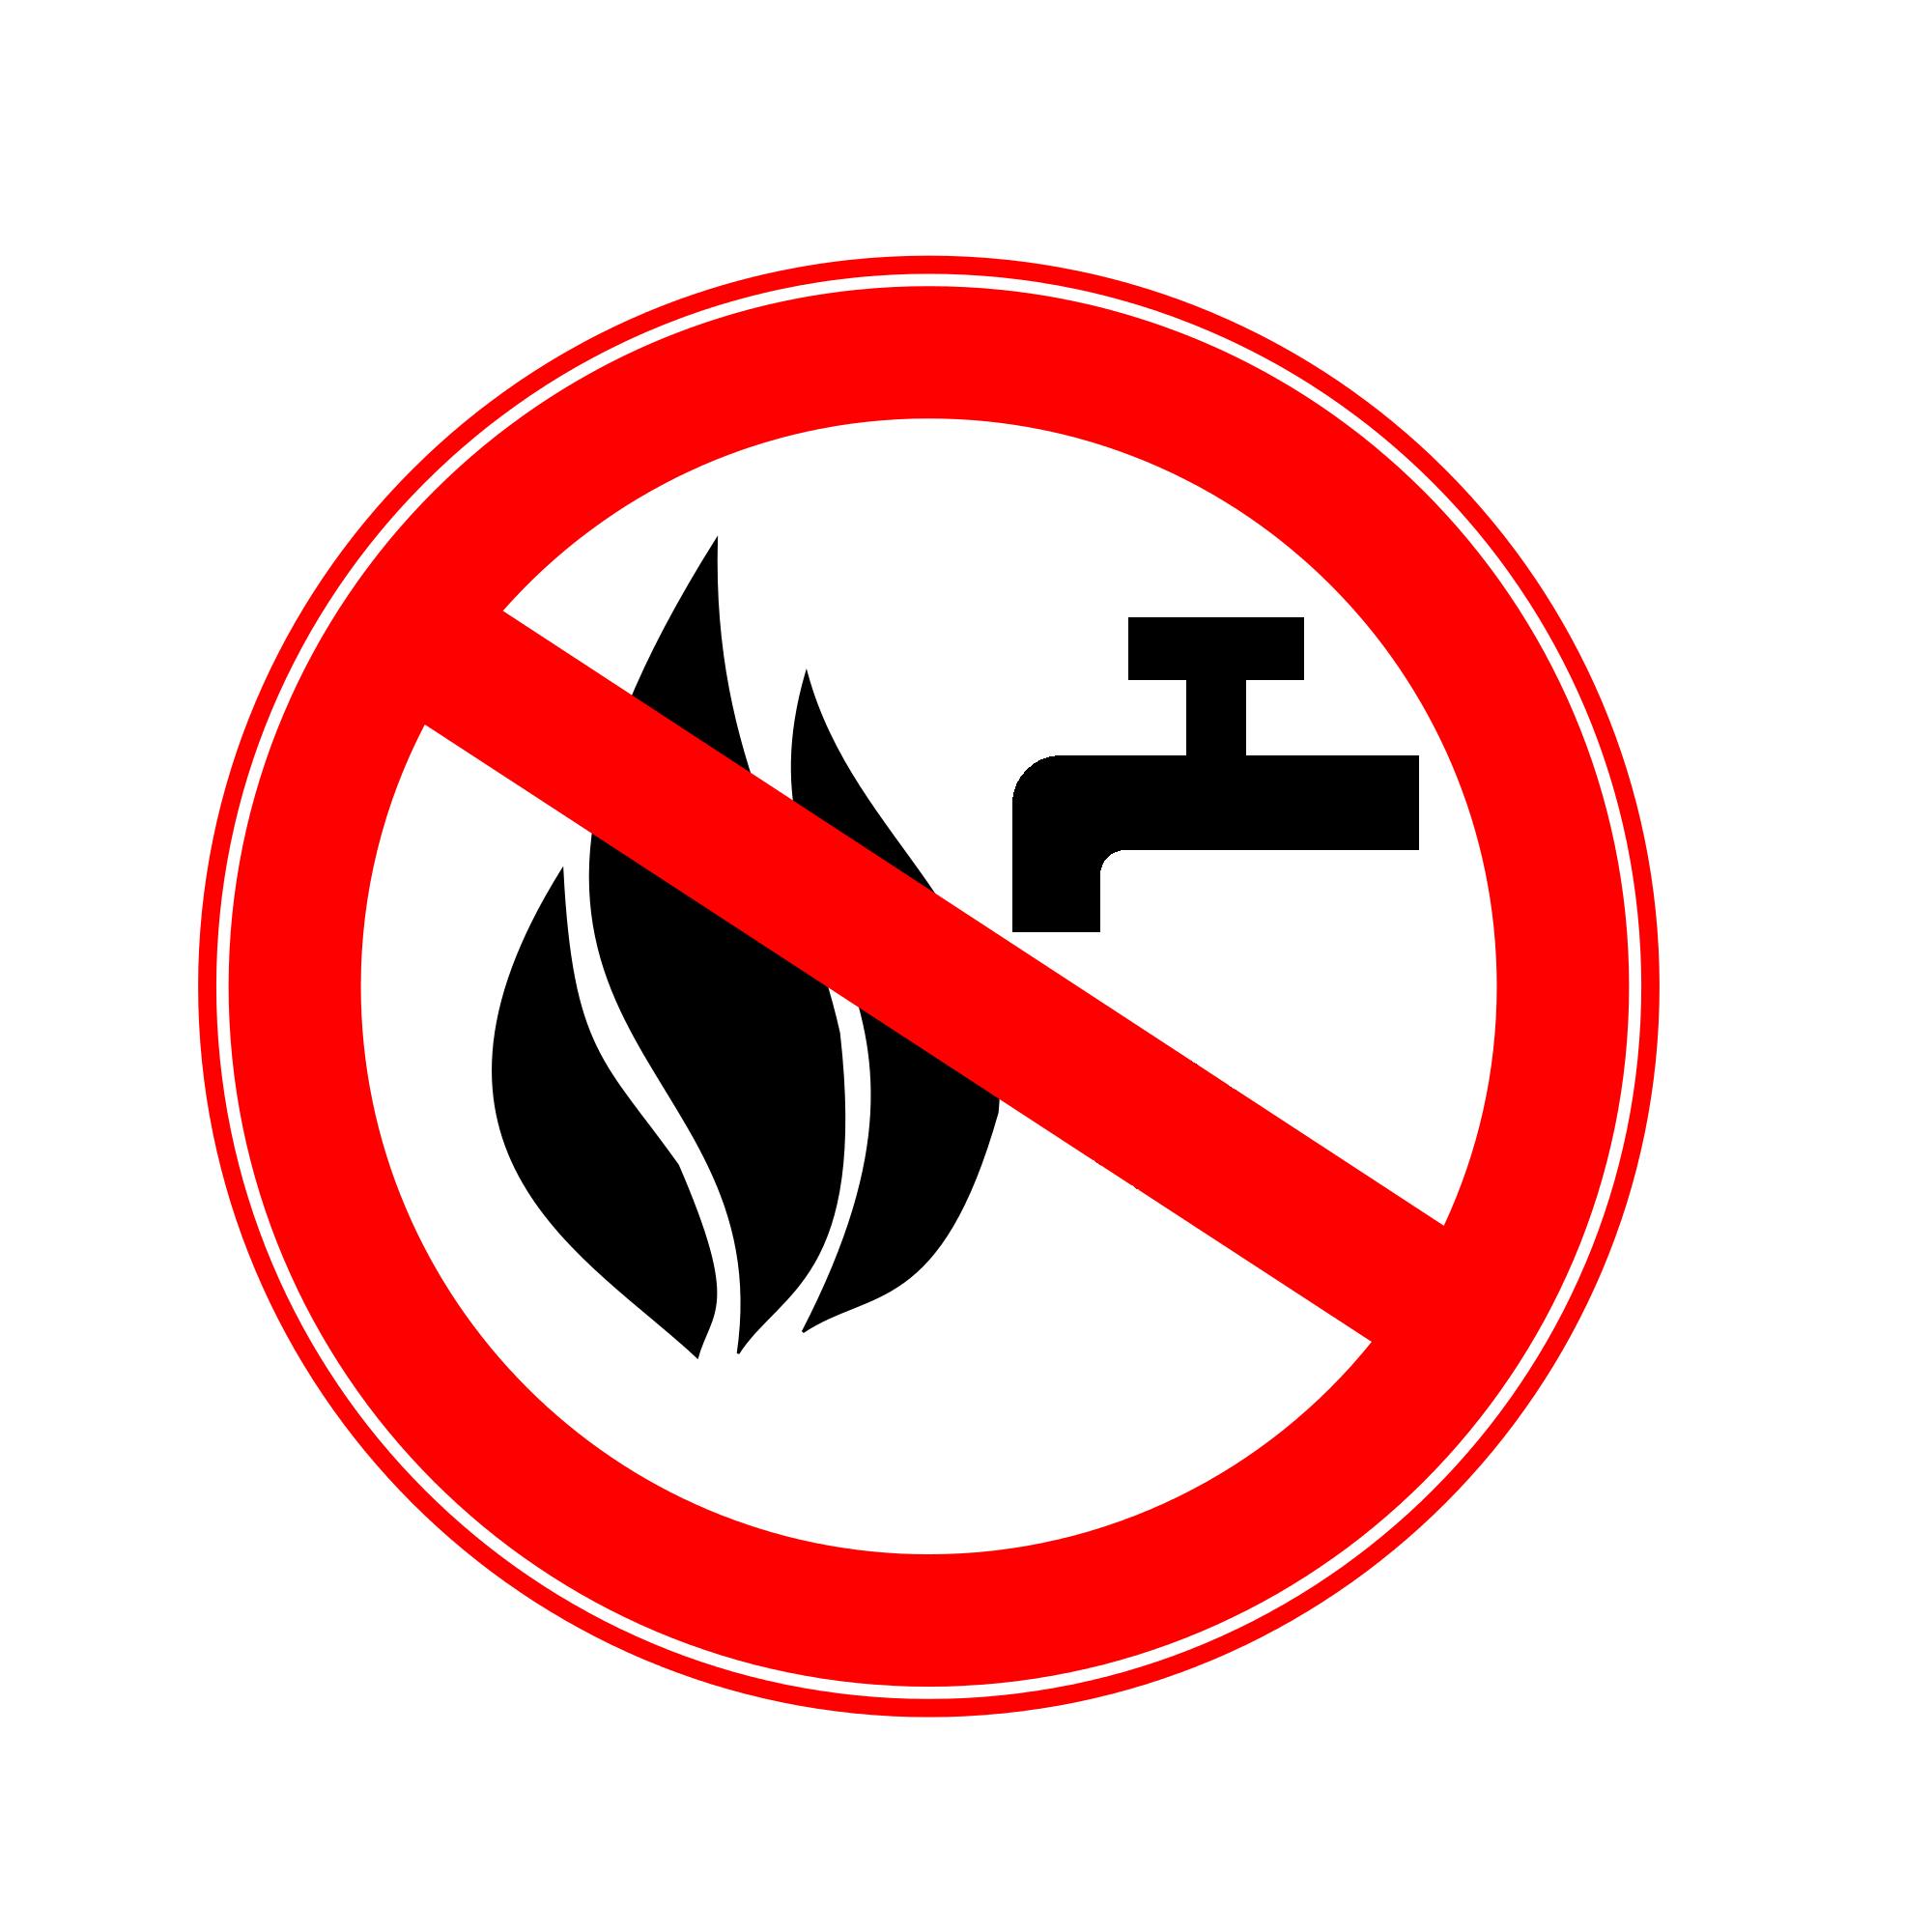 File:Divieto di spegnere l'incendio con acqua.png.